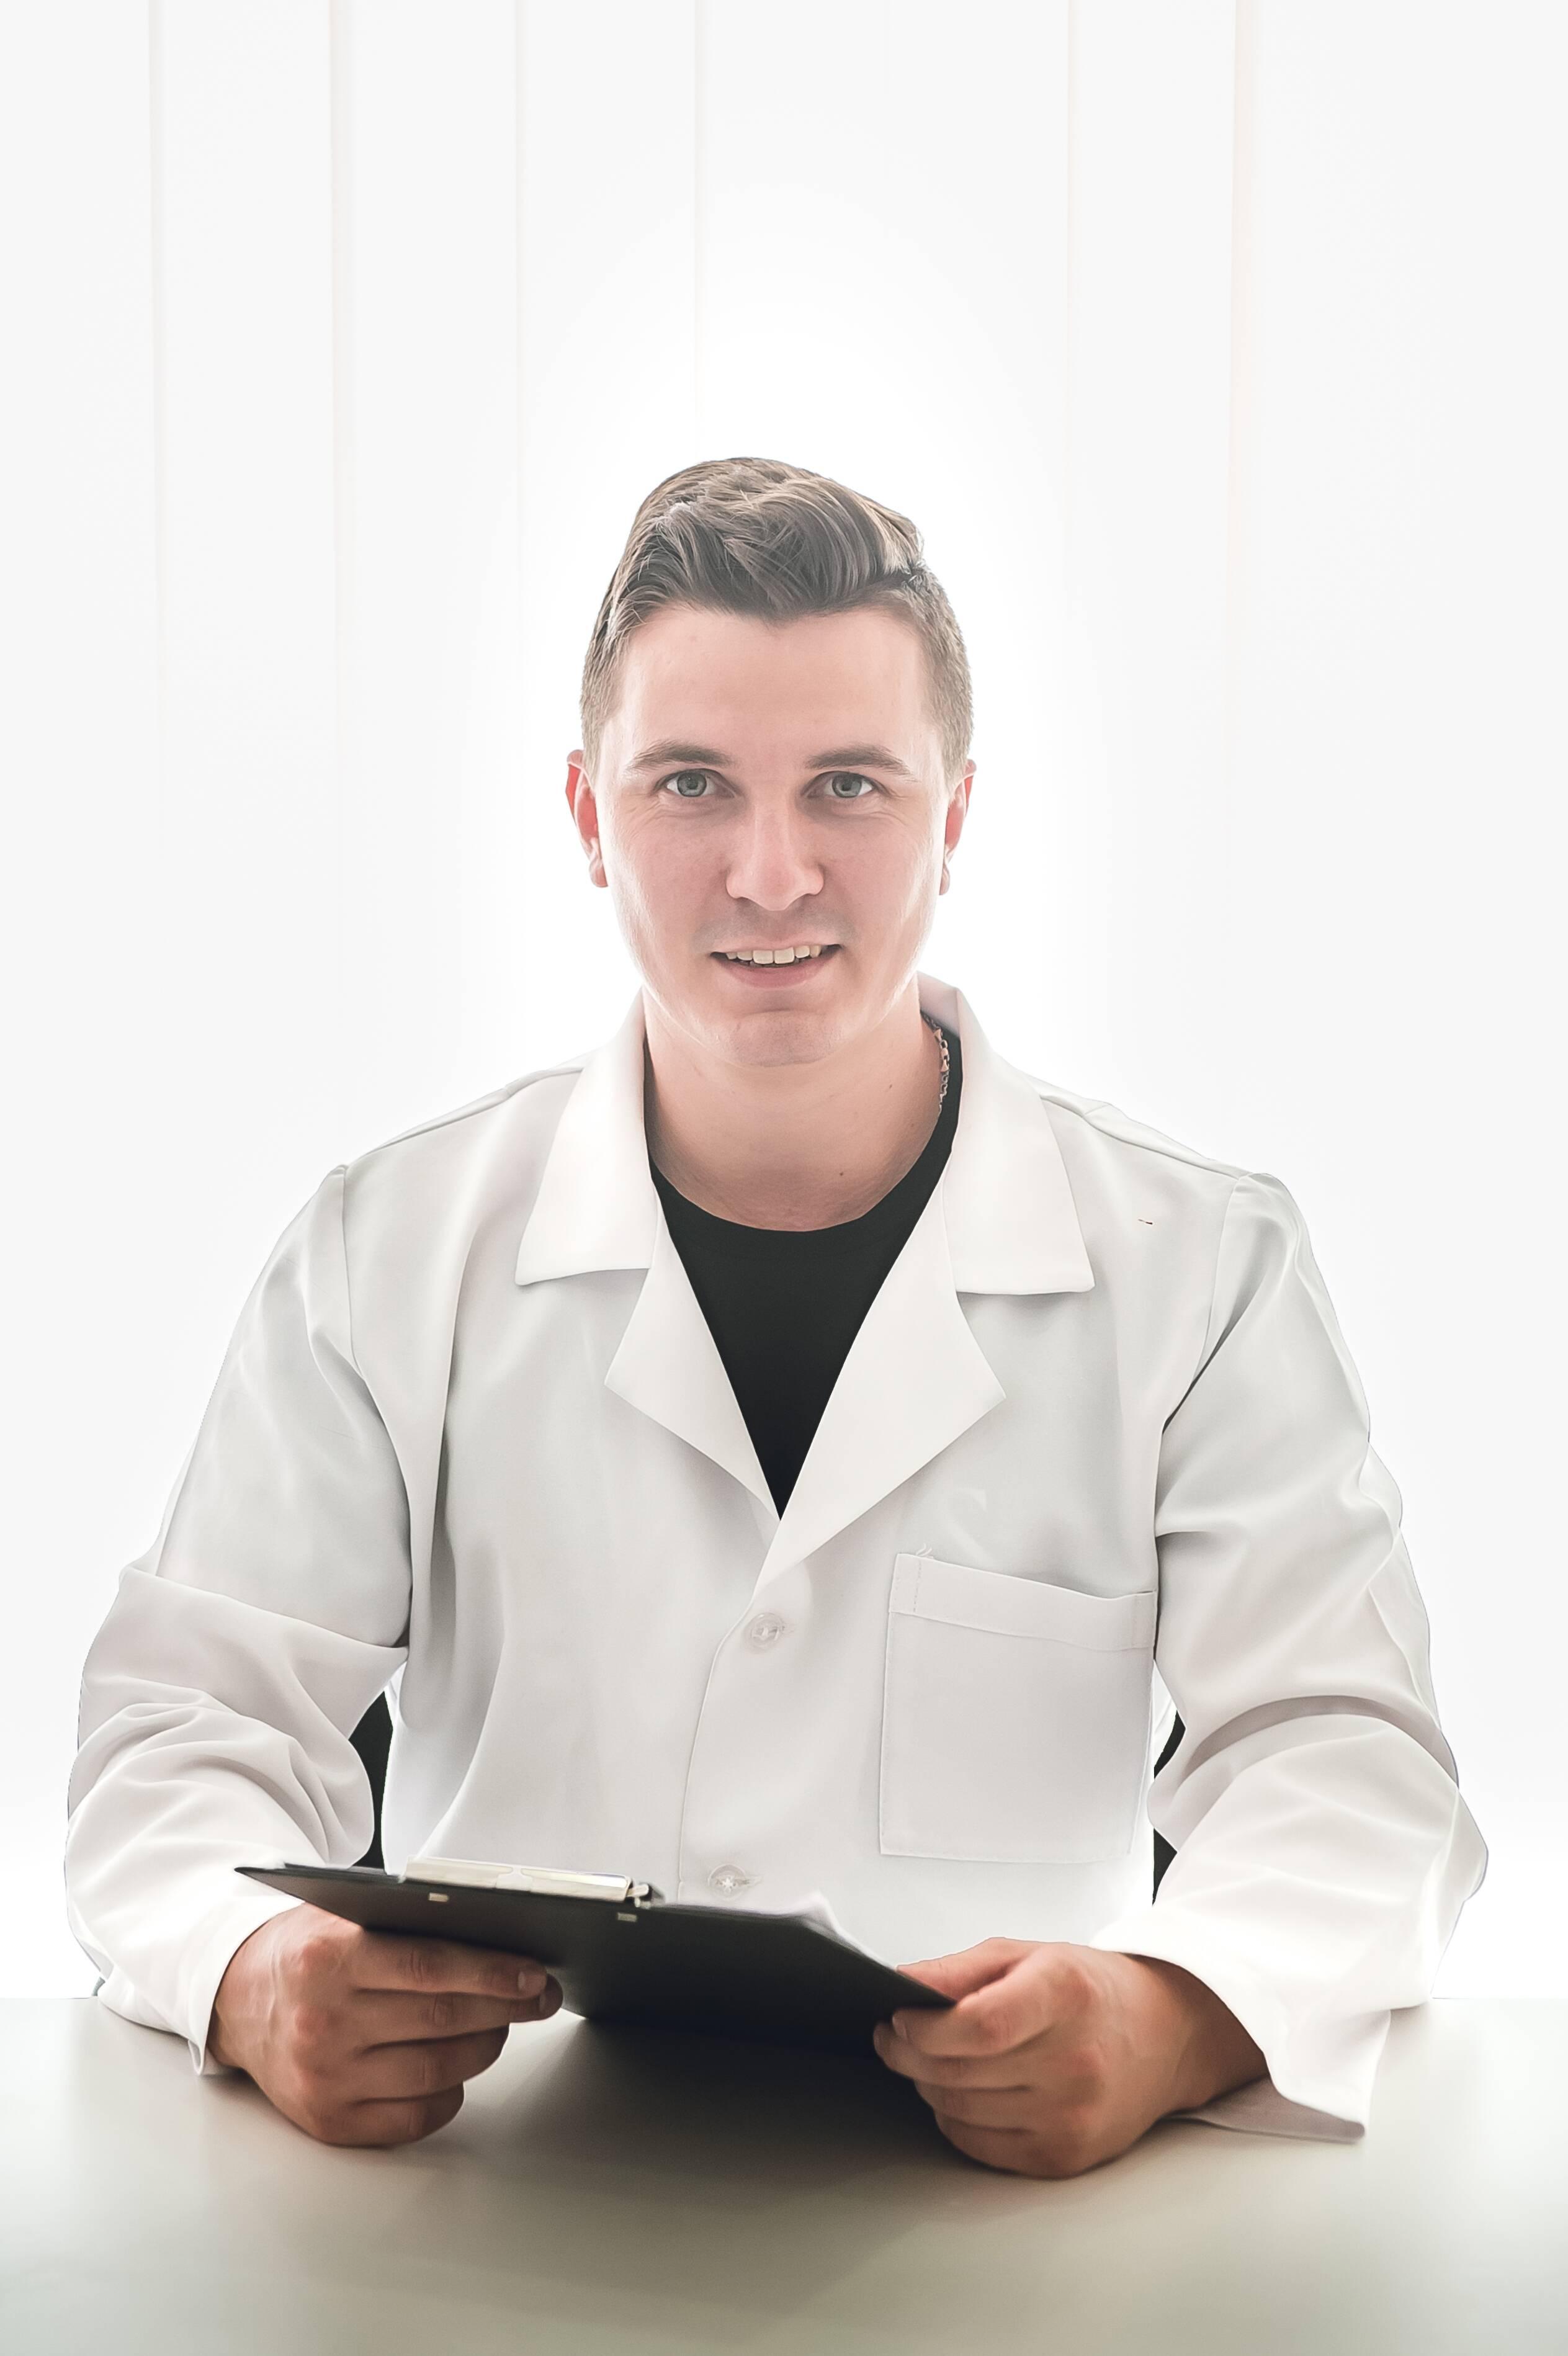 лікар Шустик  Ігор Сергійович: опис, відгуки, послуги, рейтинг, записатися онлайн на сайті h24.ua